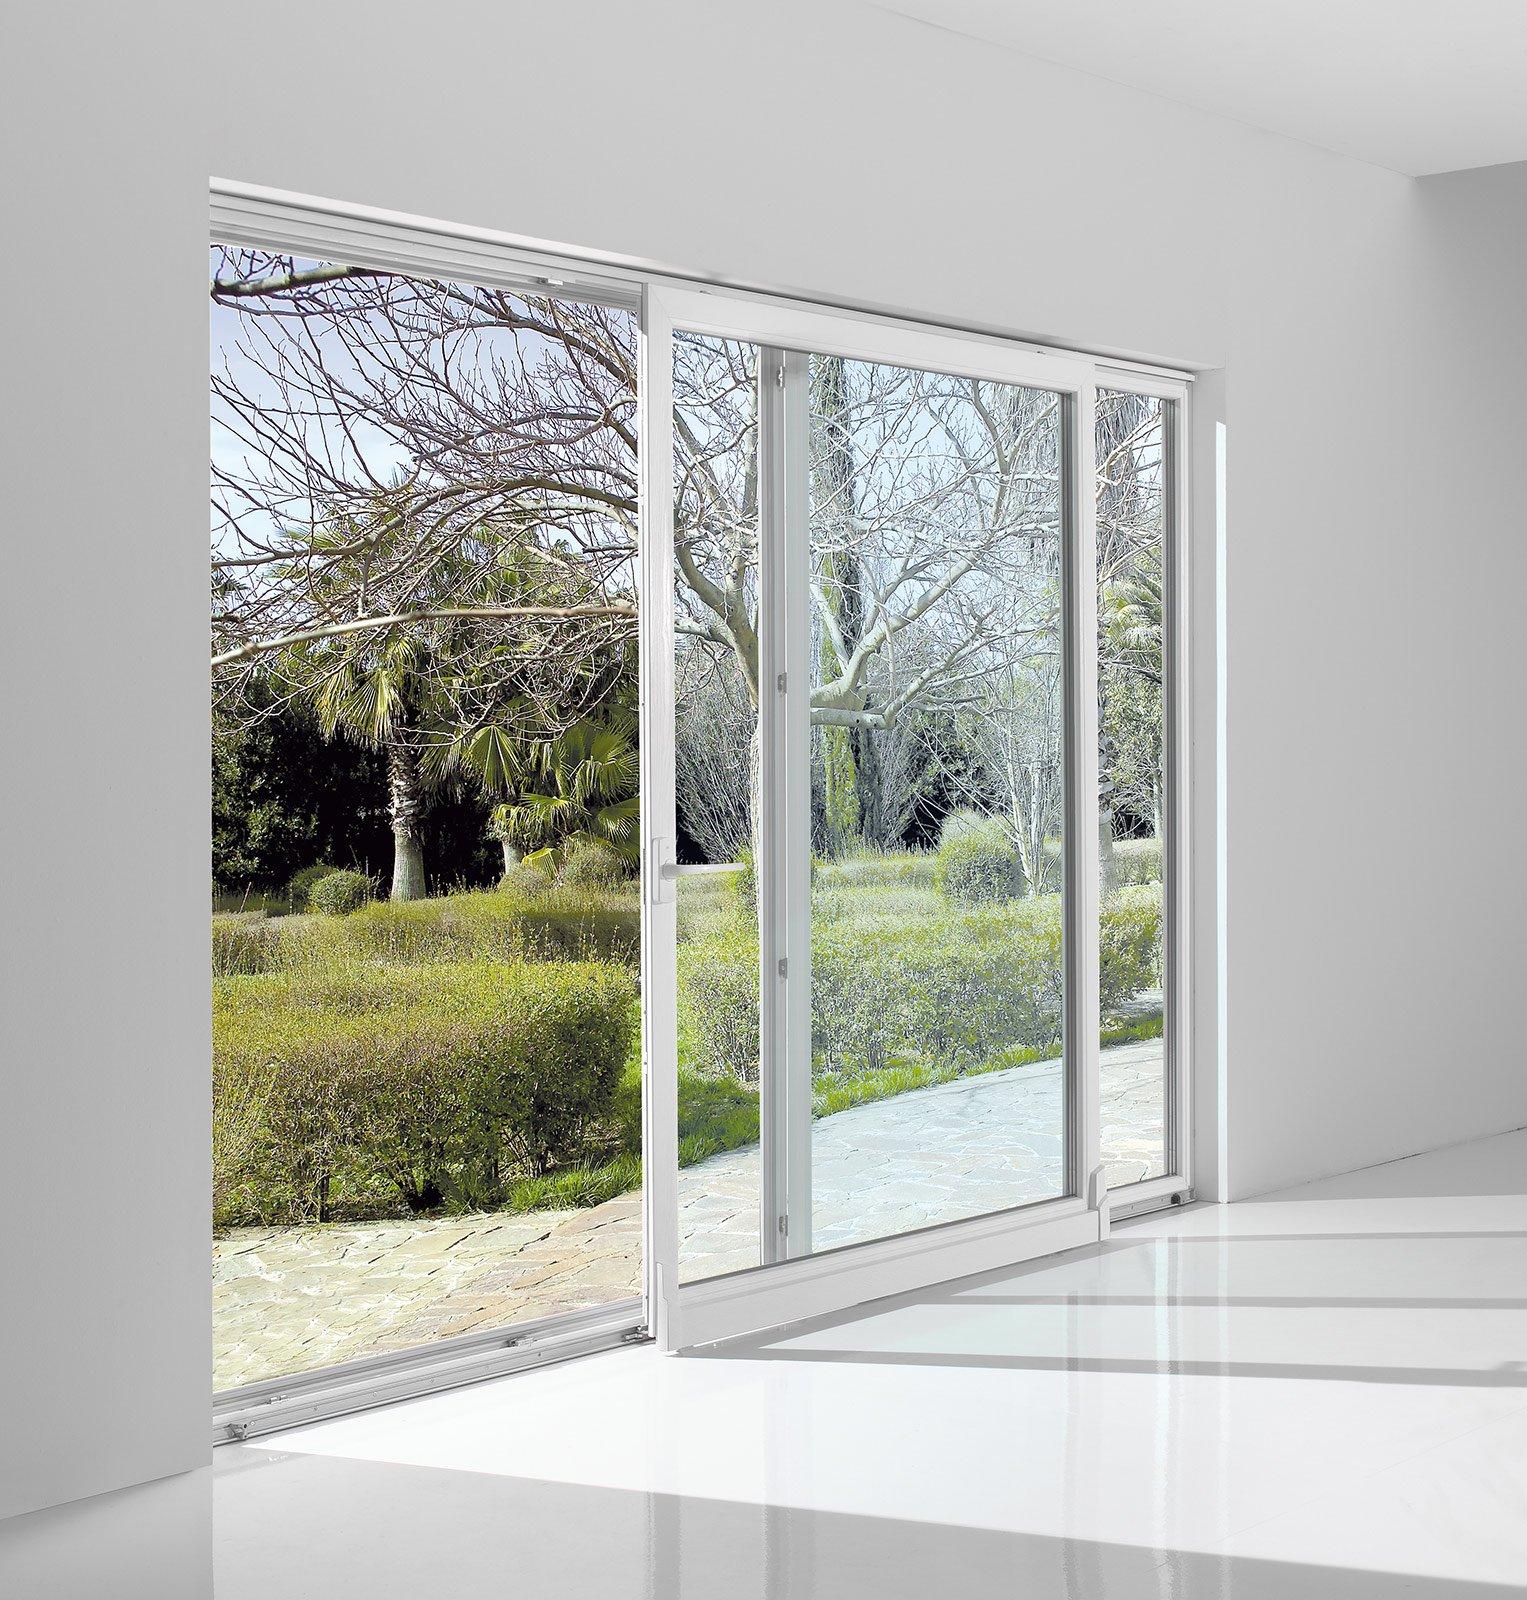 Serramenti in pvc a prova di furto cose di casa - Costo finestre in pvc ...